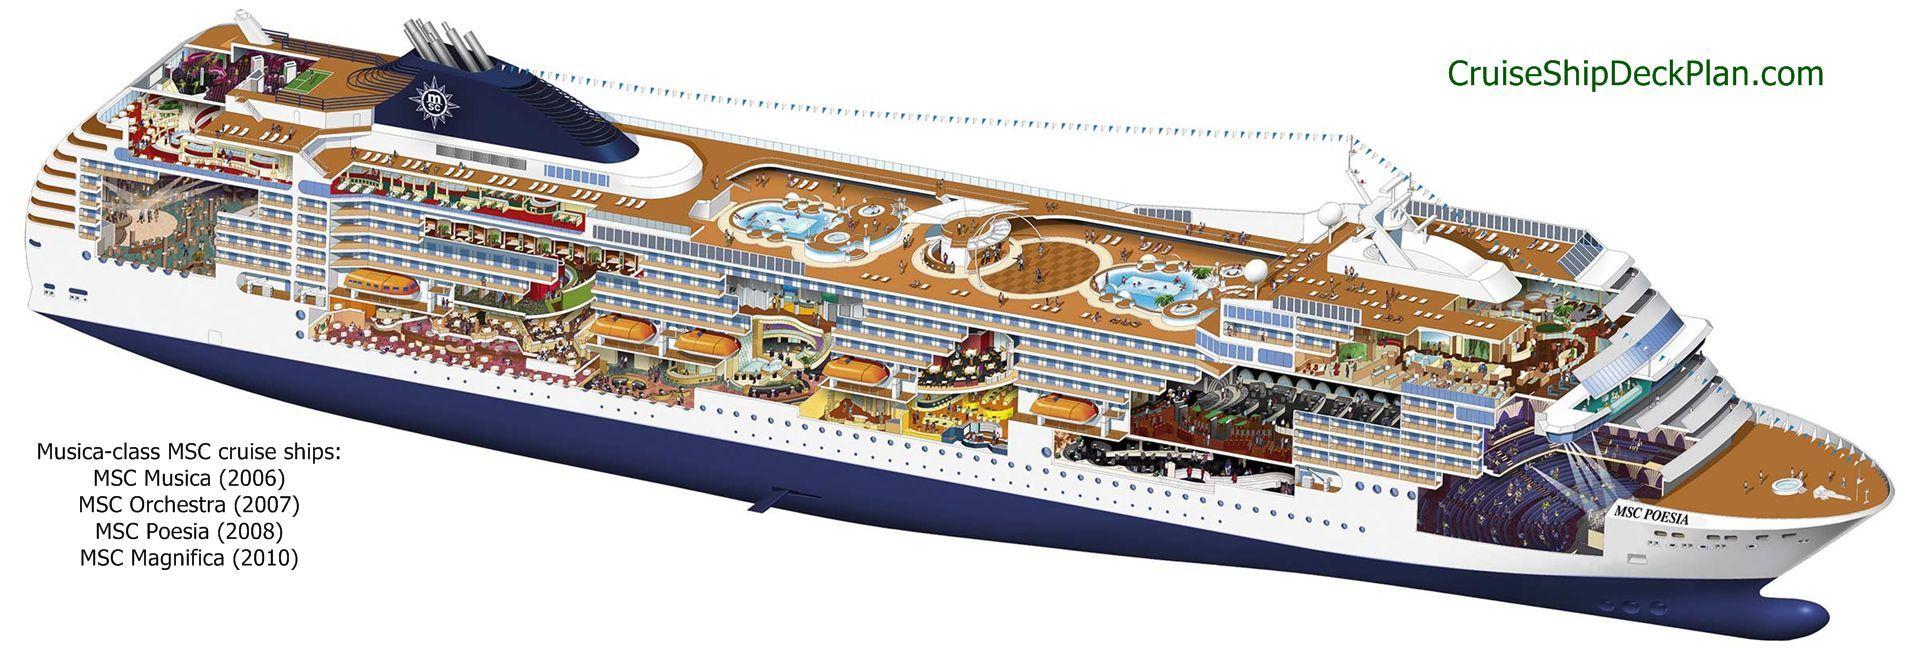 MSCMusicainfographicjpg Drawing Narrative Pinterest - Cruise ship floor plans